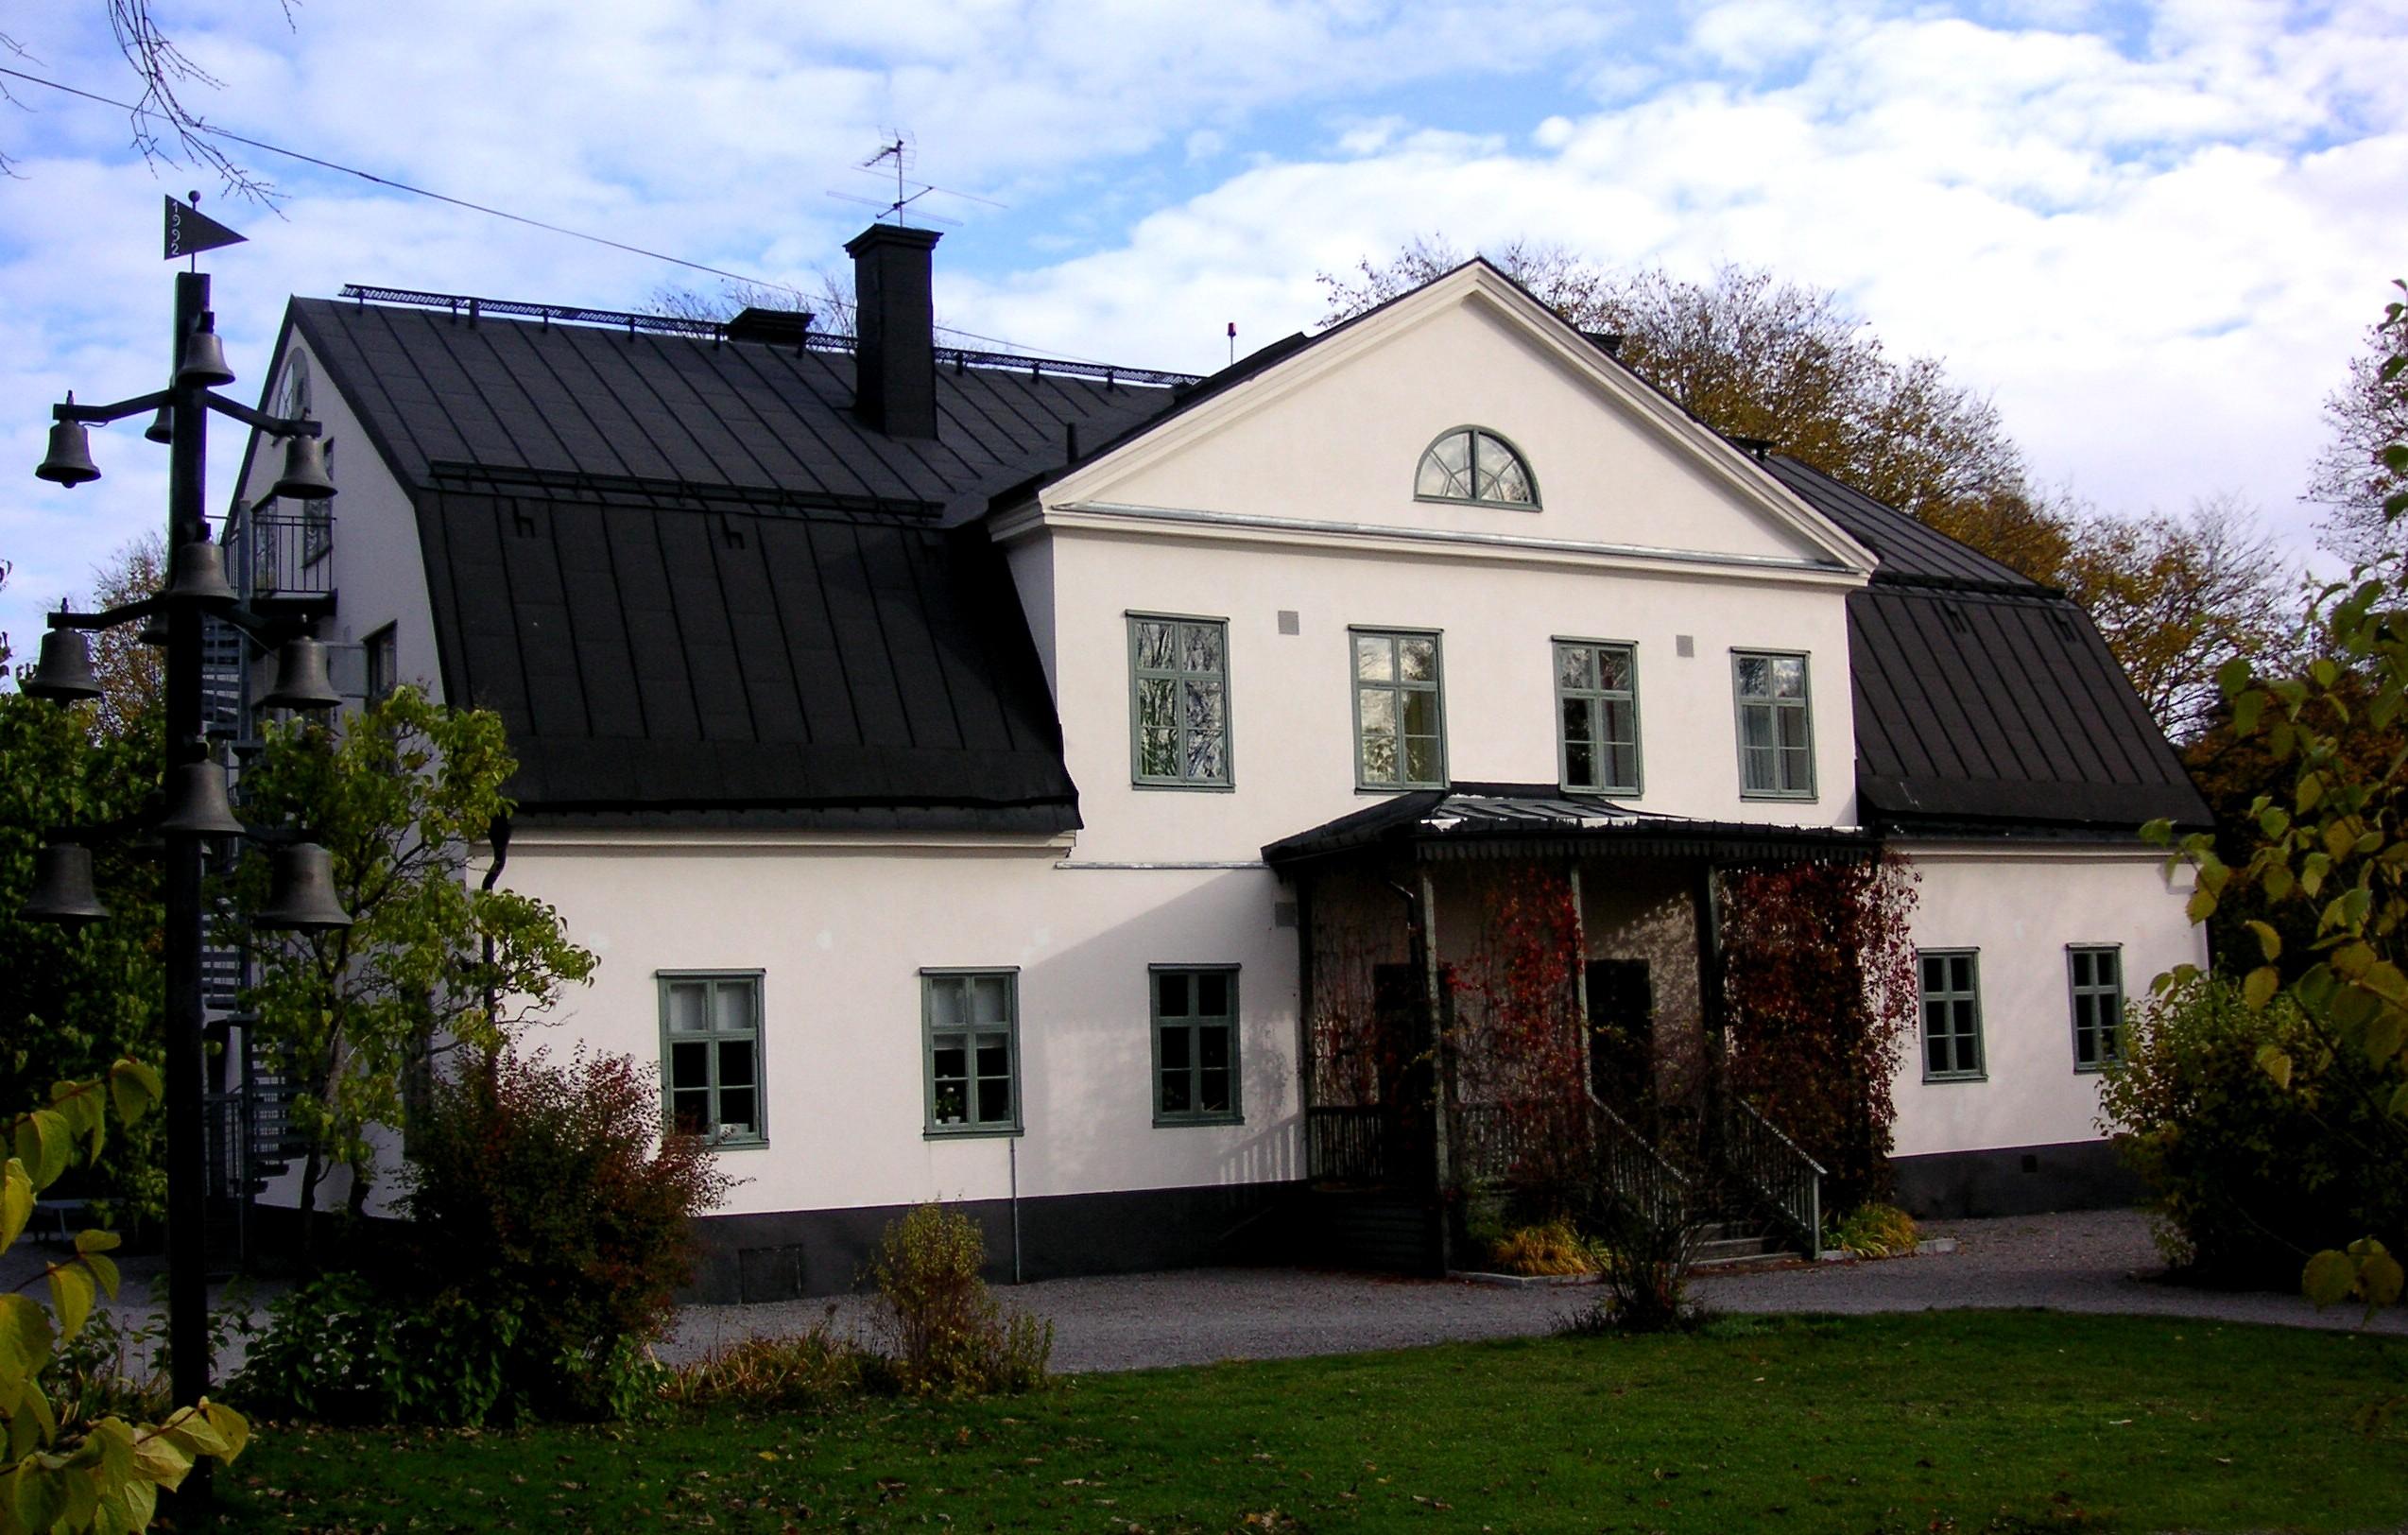 På Årsta gård levde Årstafrun från 1775 till sin död 1841.